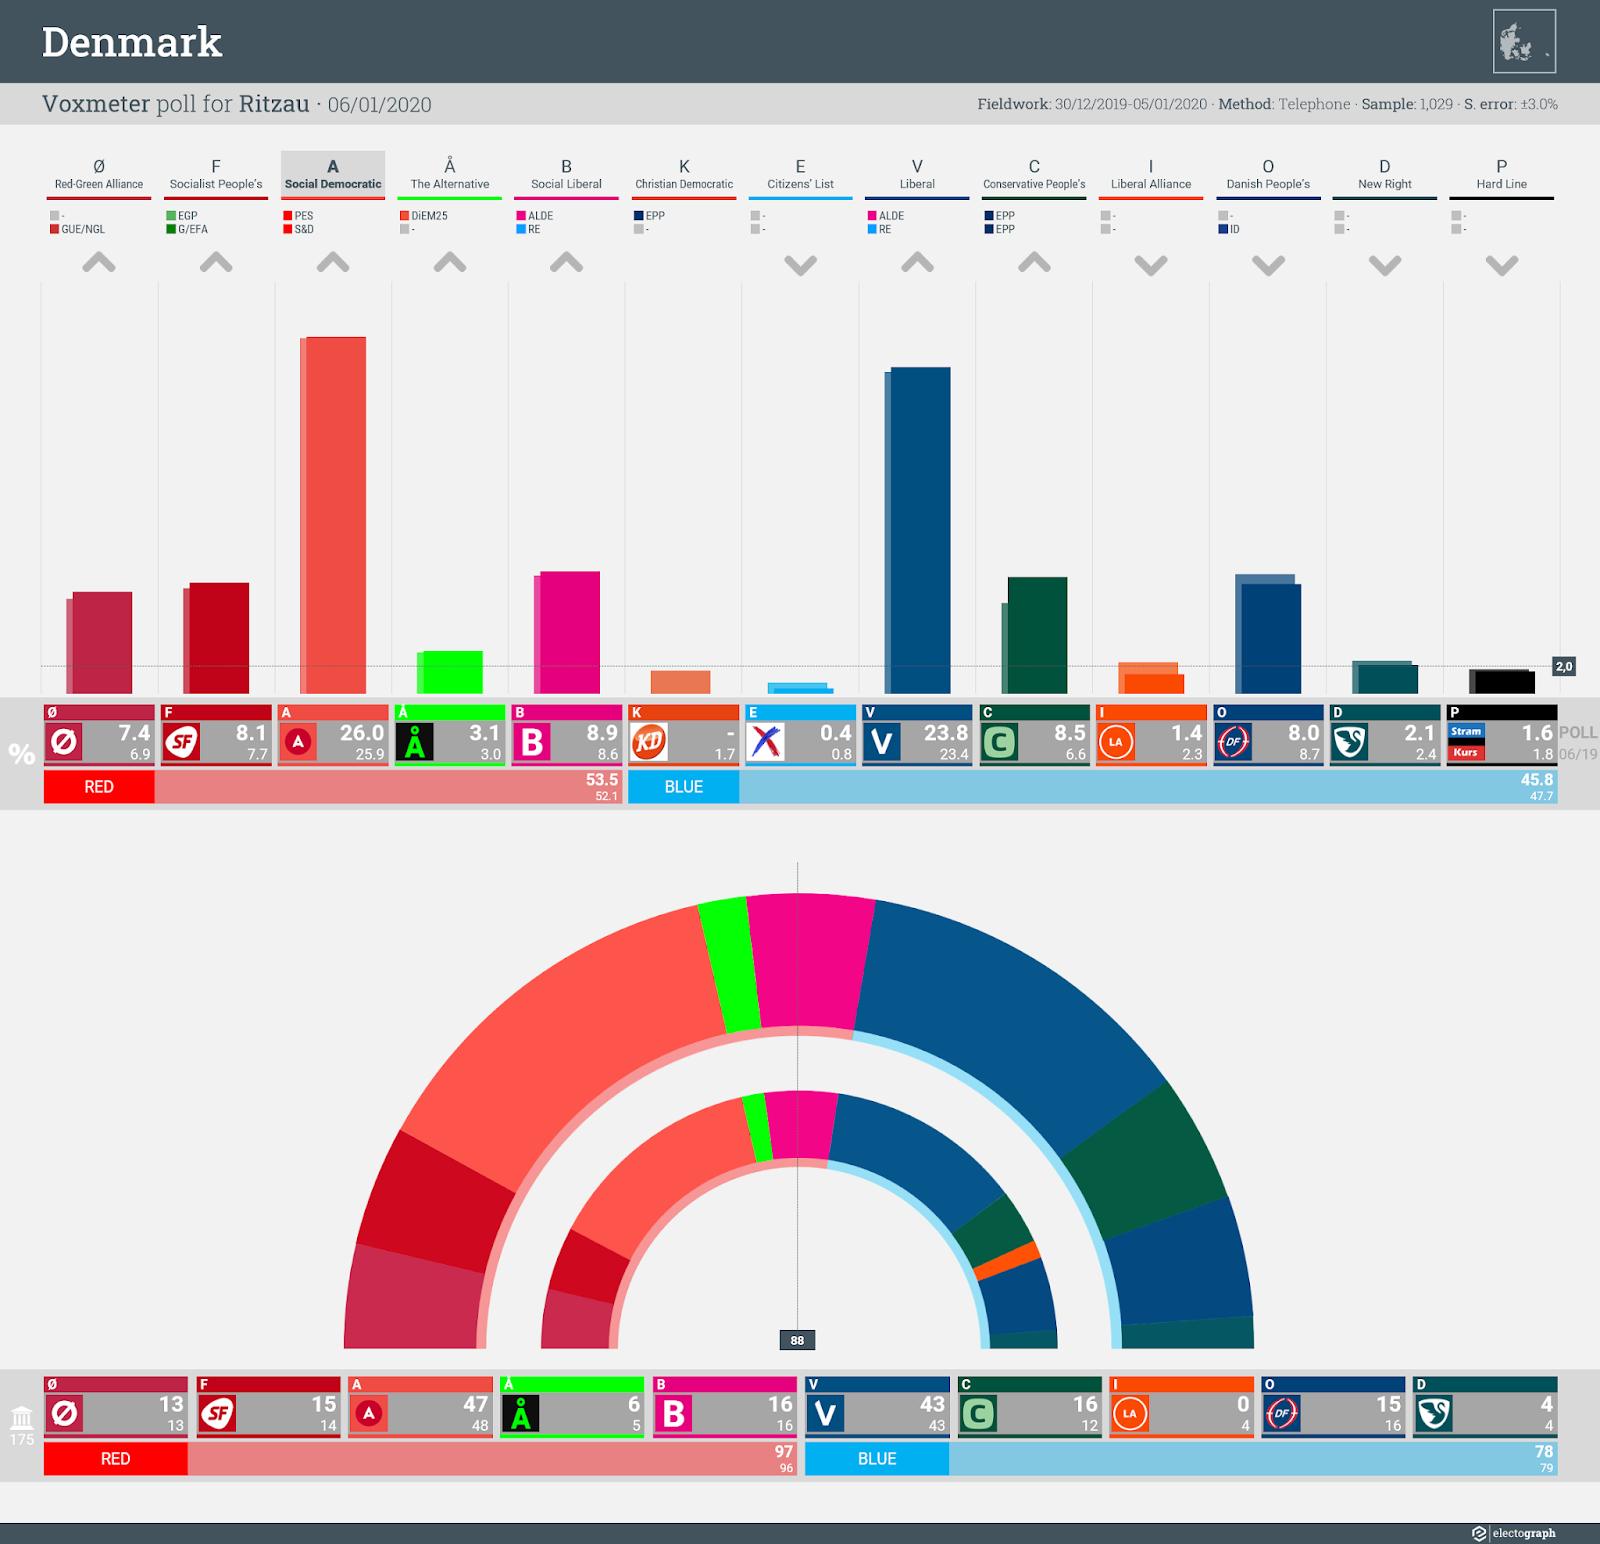 DENMARK: Voxmeter poll chart for Ritzau, 6 January 2020